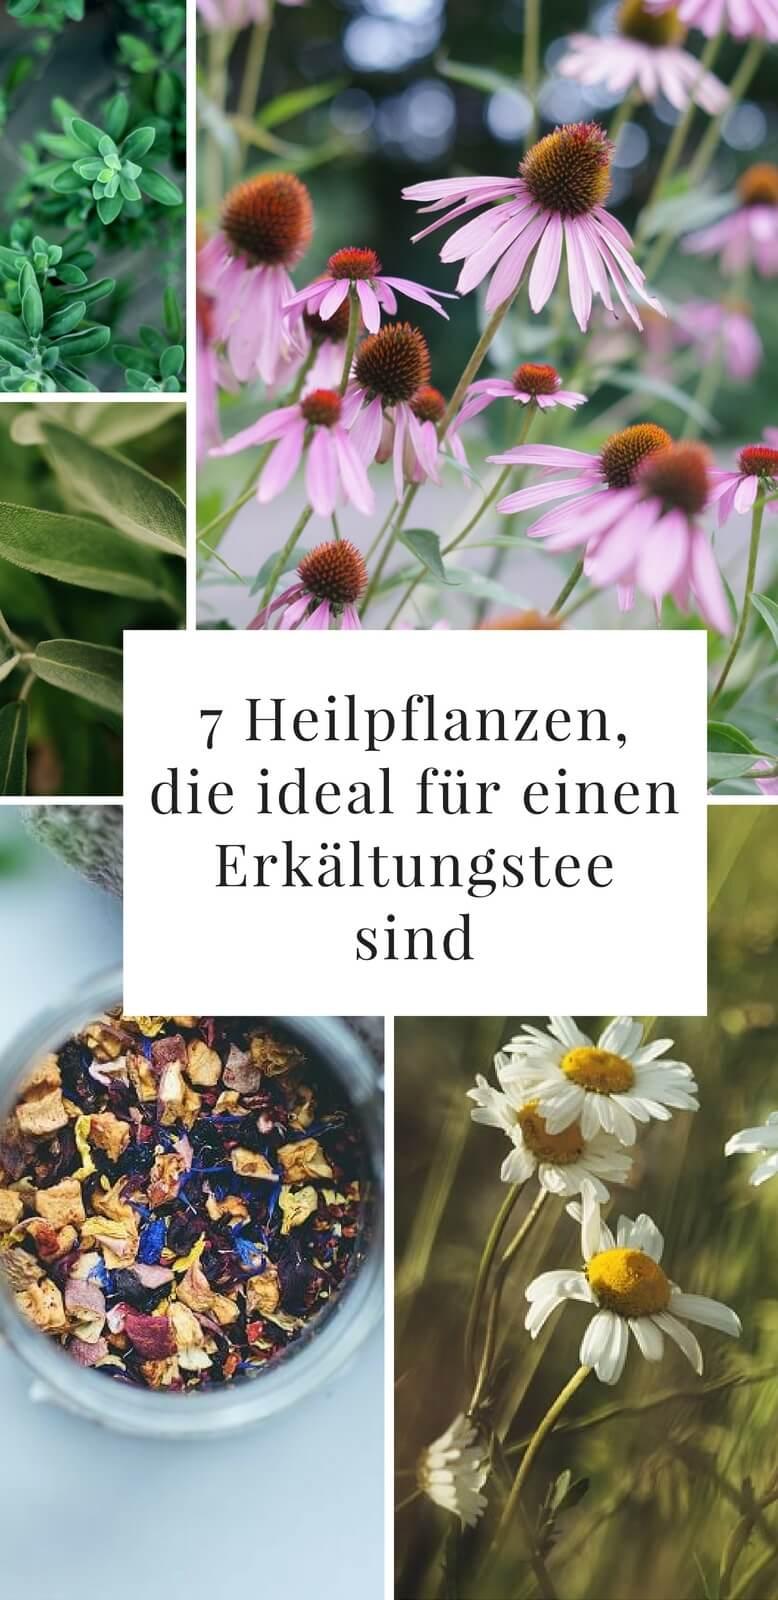 7 Heilpflanzen, die ideal für einen Erkältungstee sind